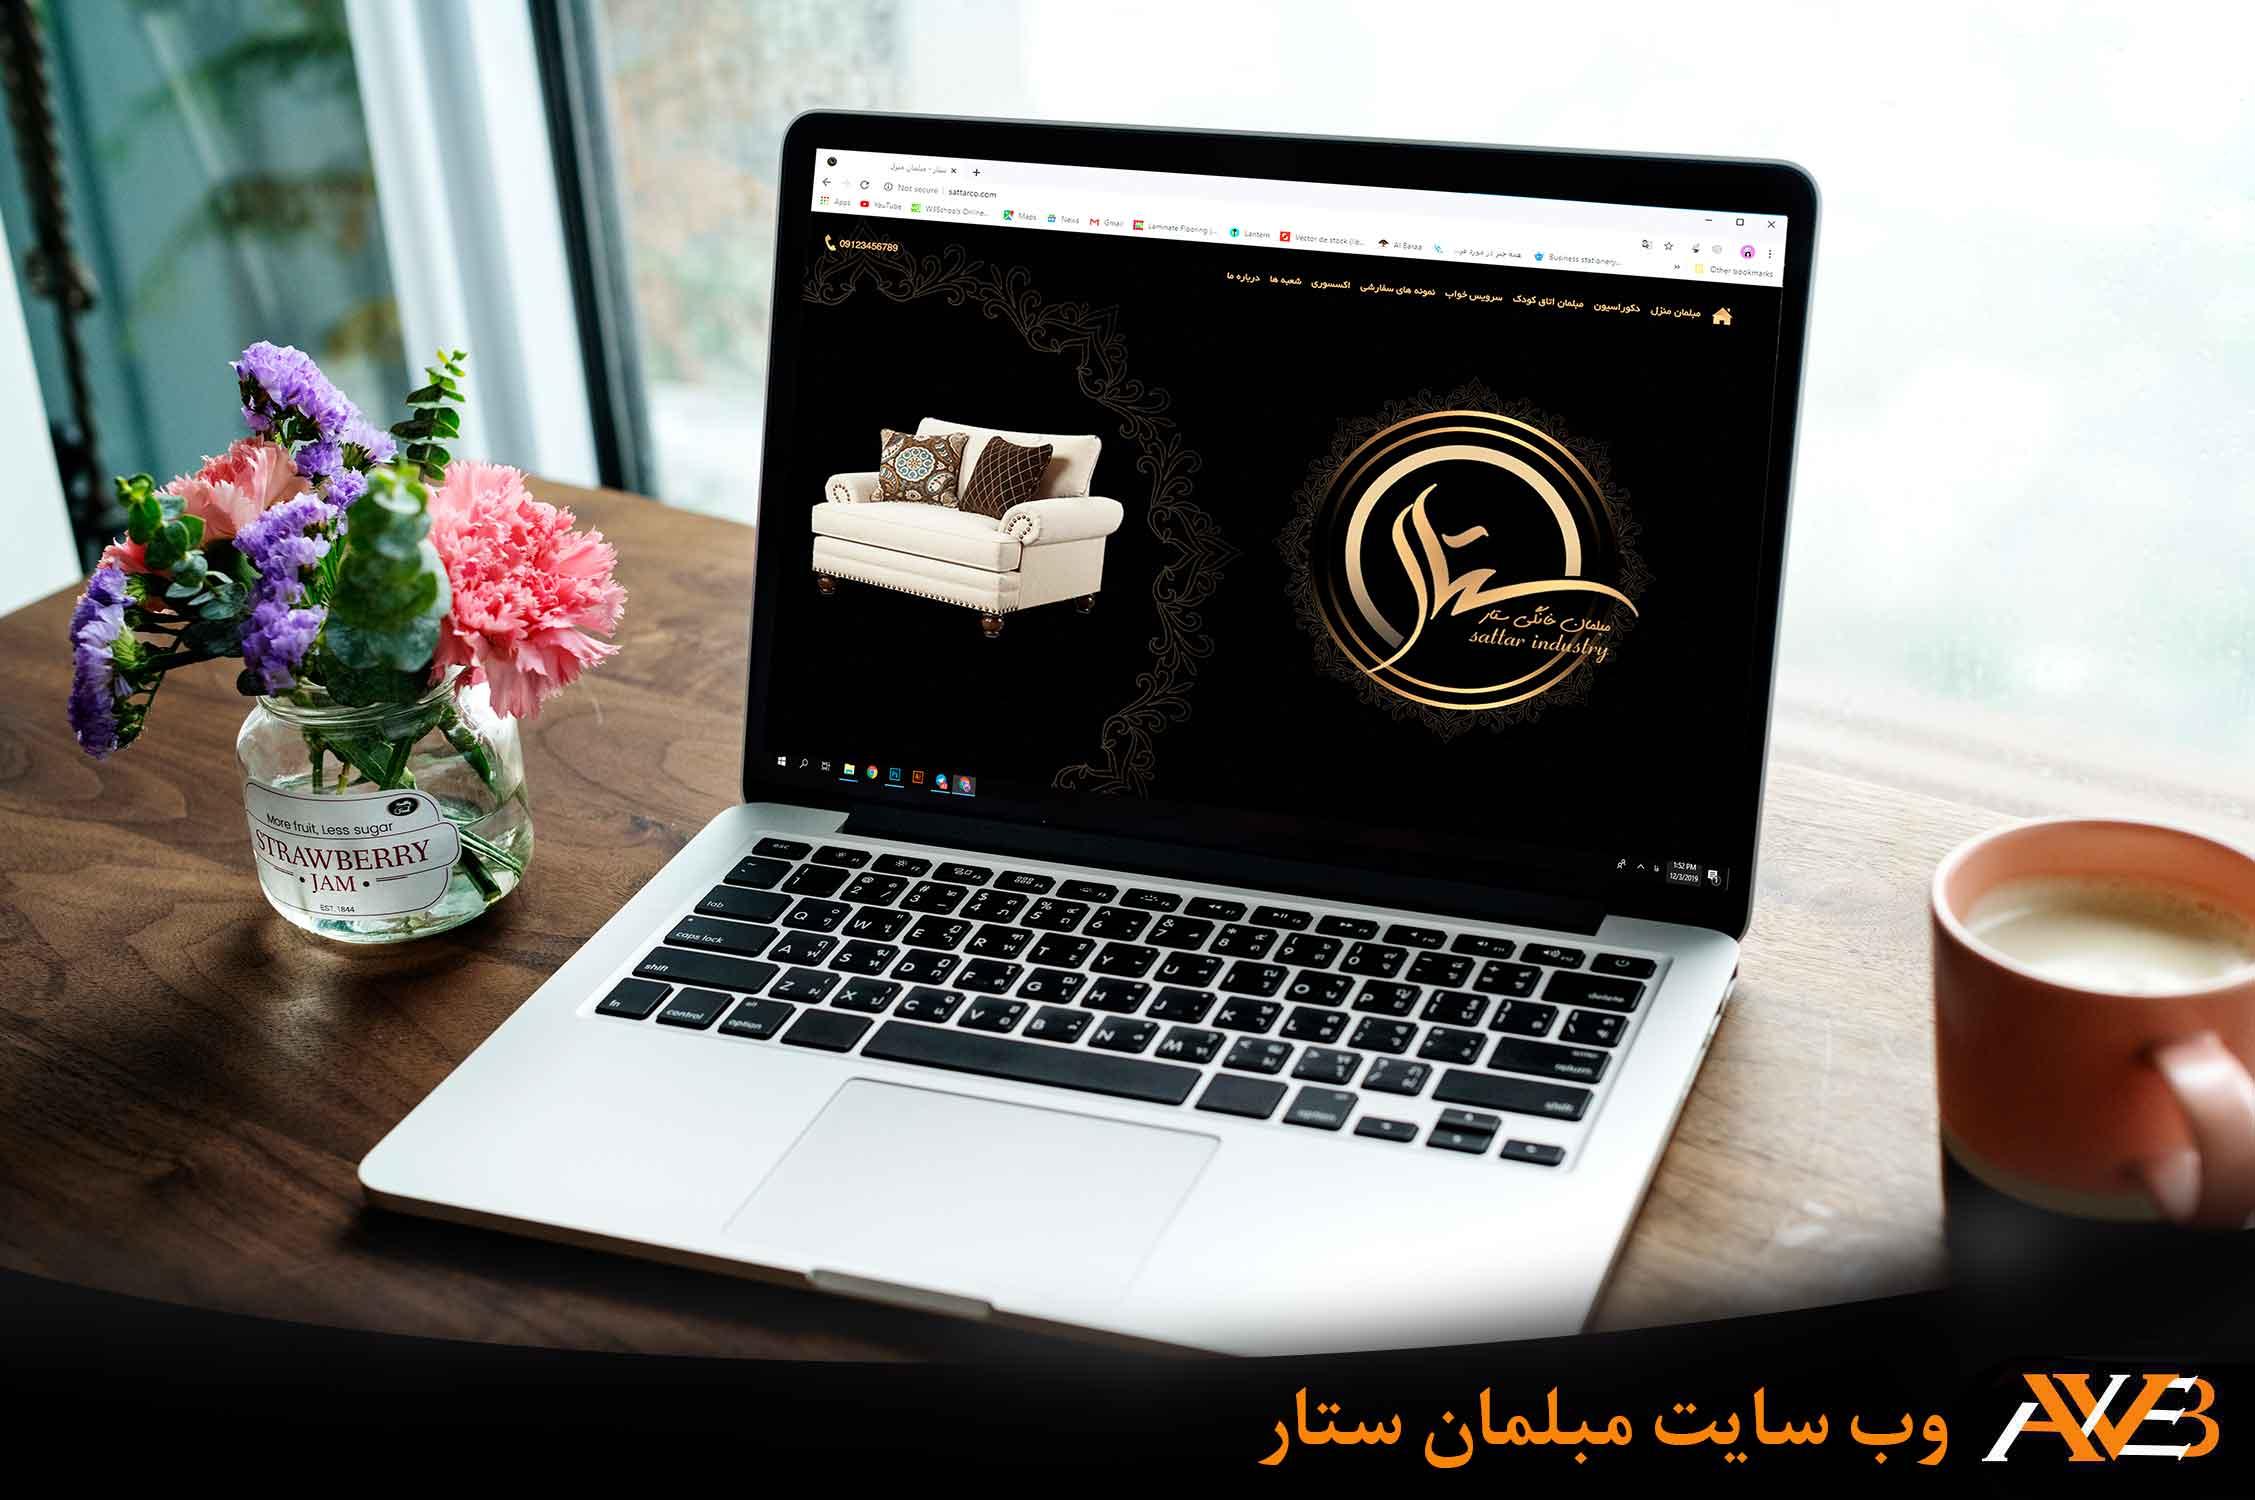 وب سایت مبلمان ستار